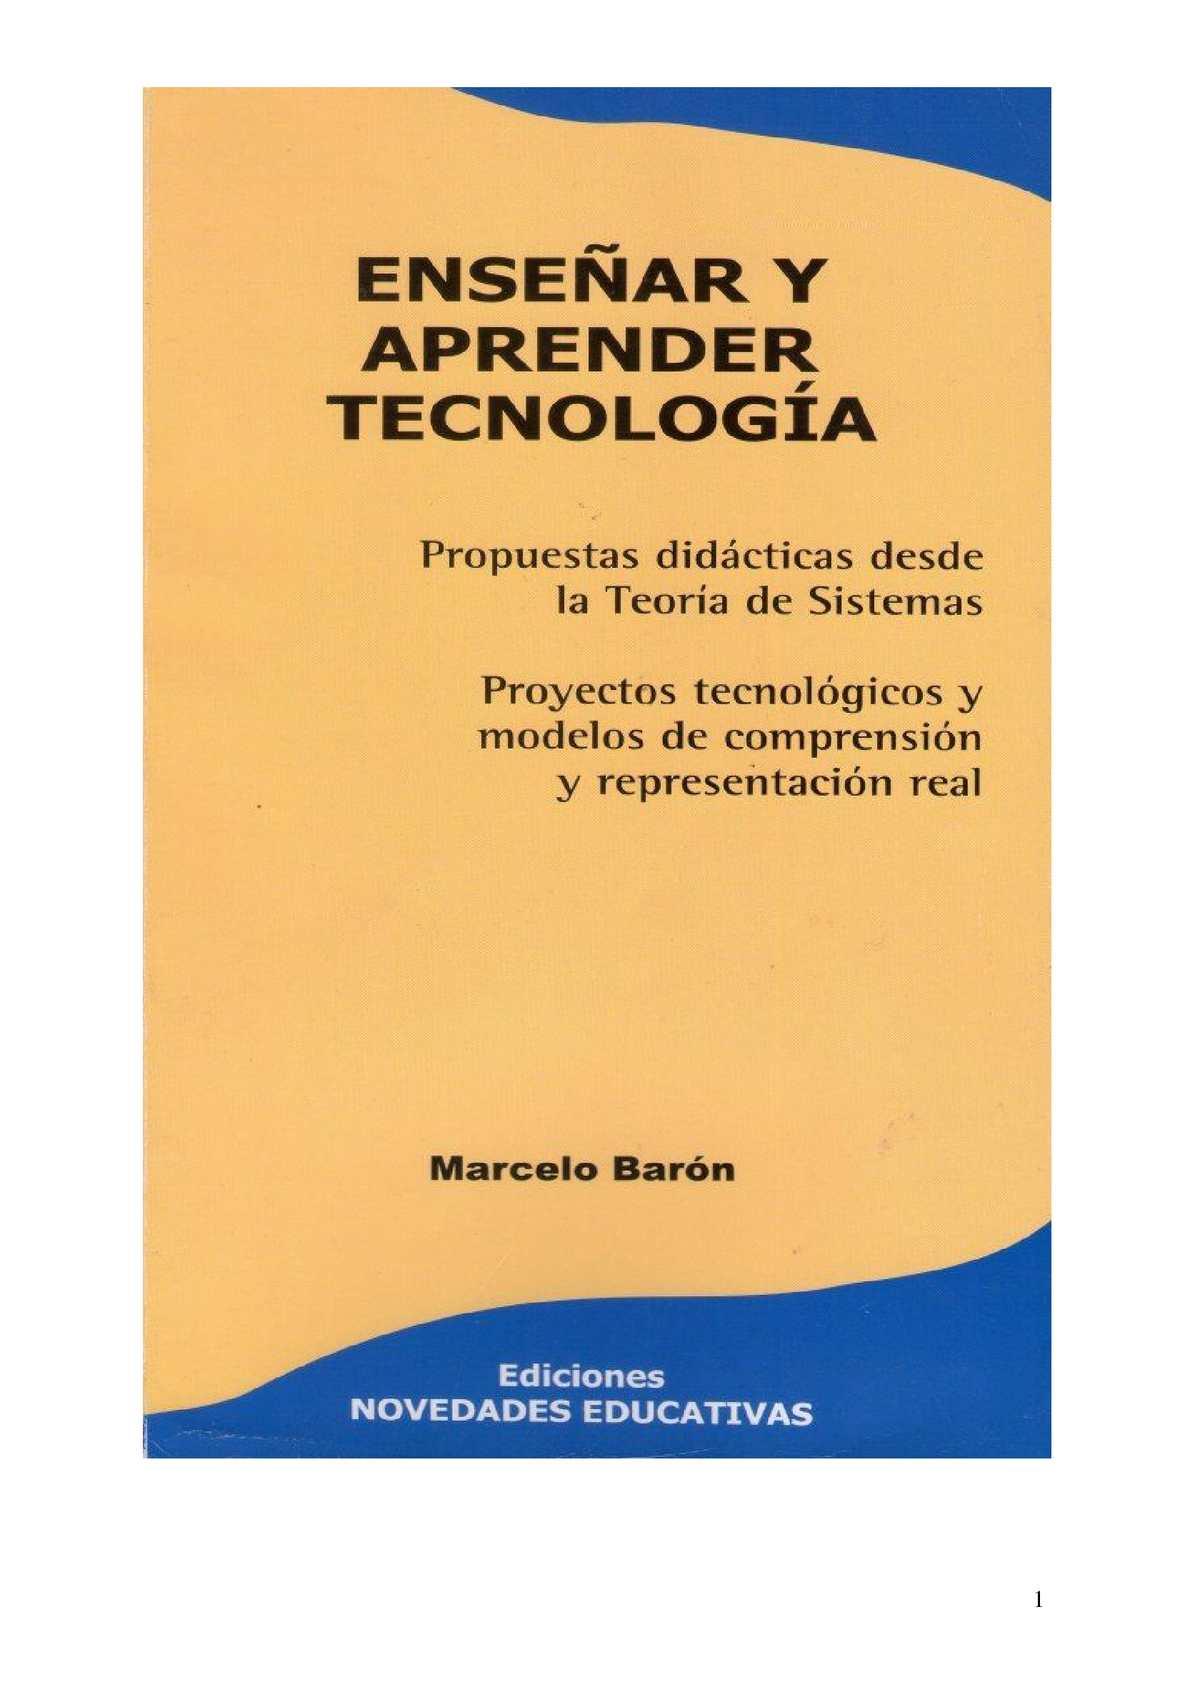 Calaméo - Enseñar Y Aprender Tecnología M Barón Nov Educ 1ra Parte ...